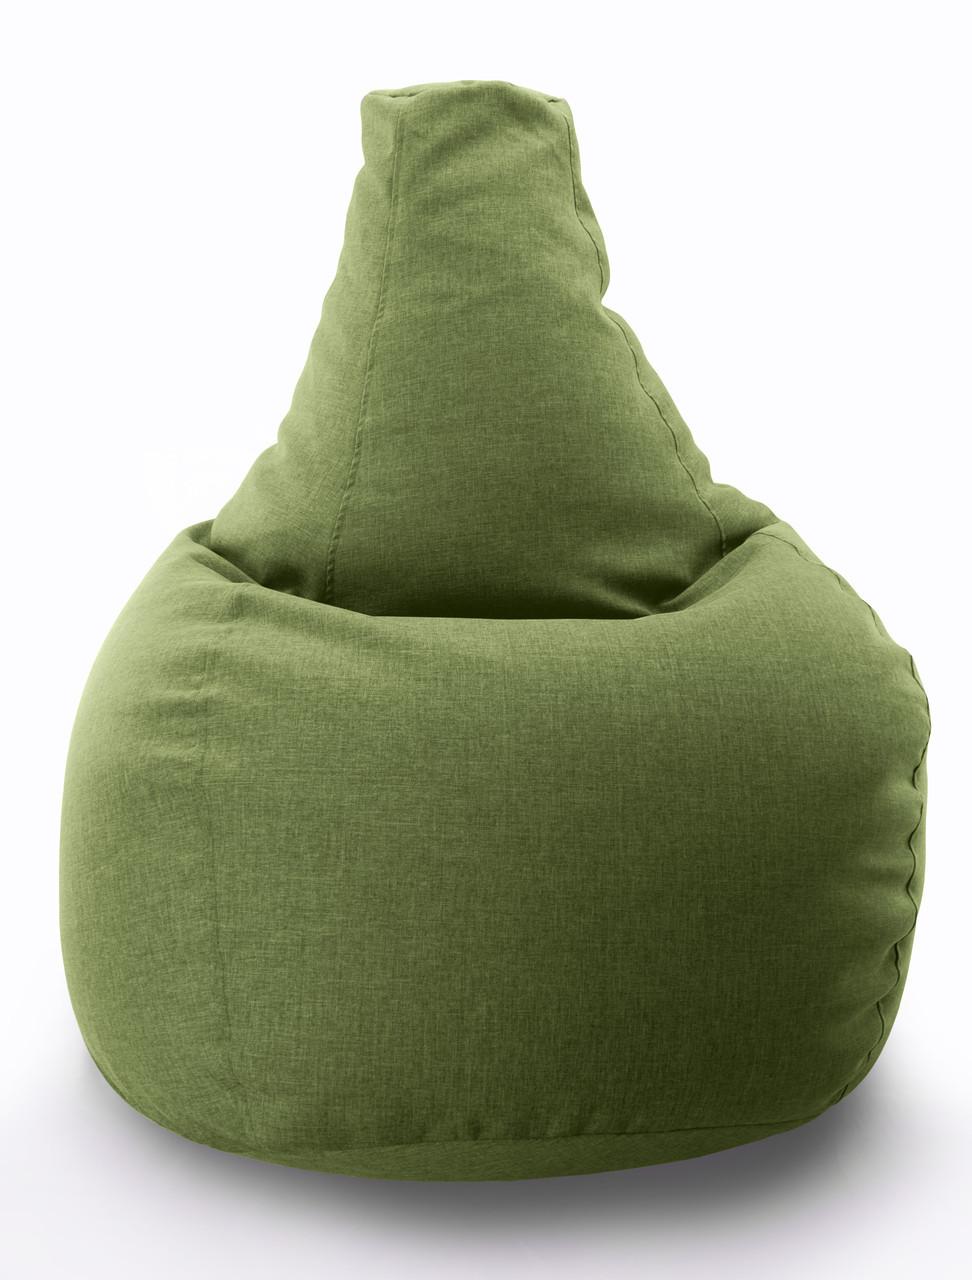 Велике крісло-мішок, груша Мікро-рогожка 90*130 див. З додатковим чохлом